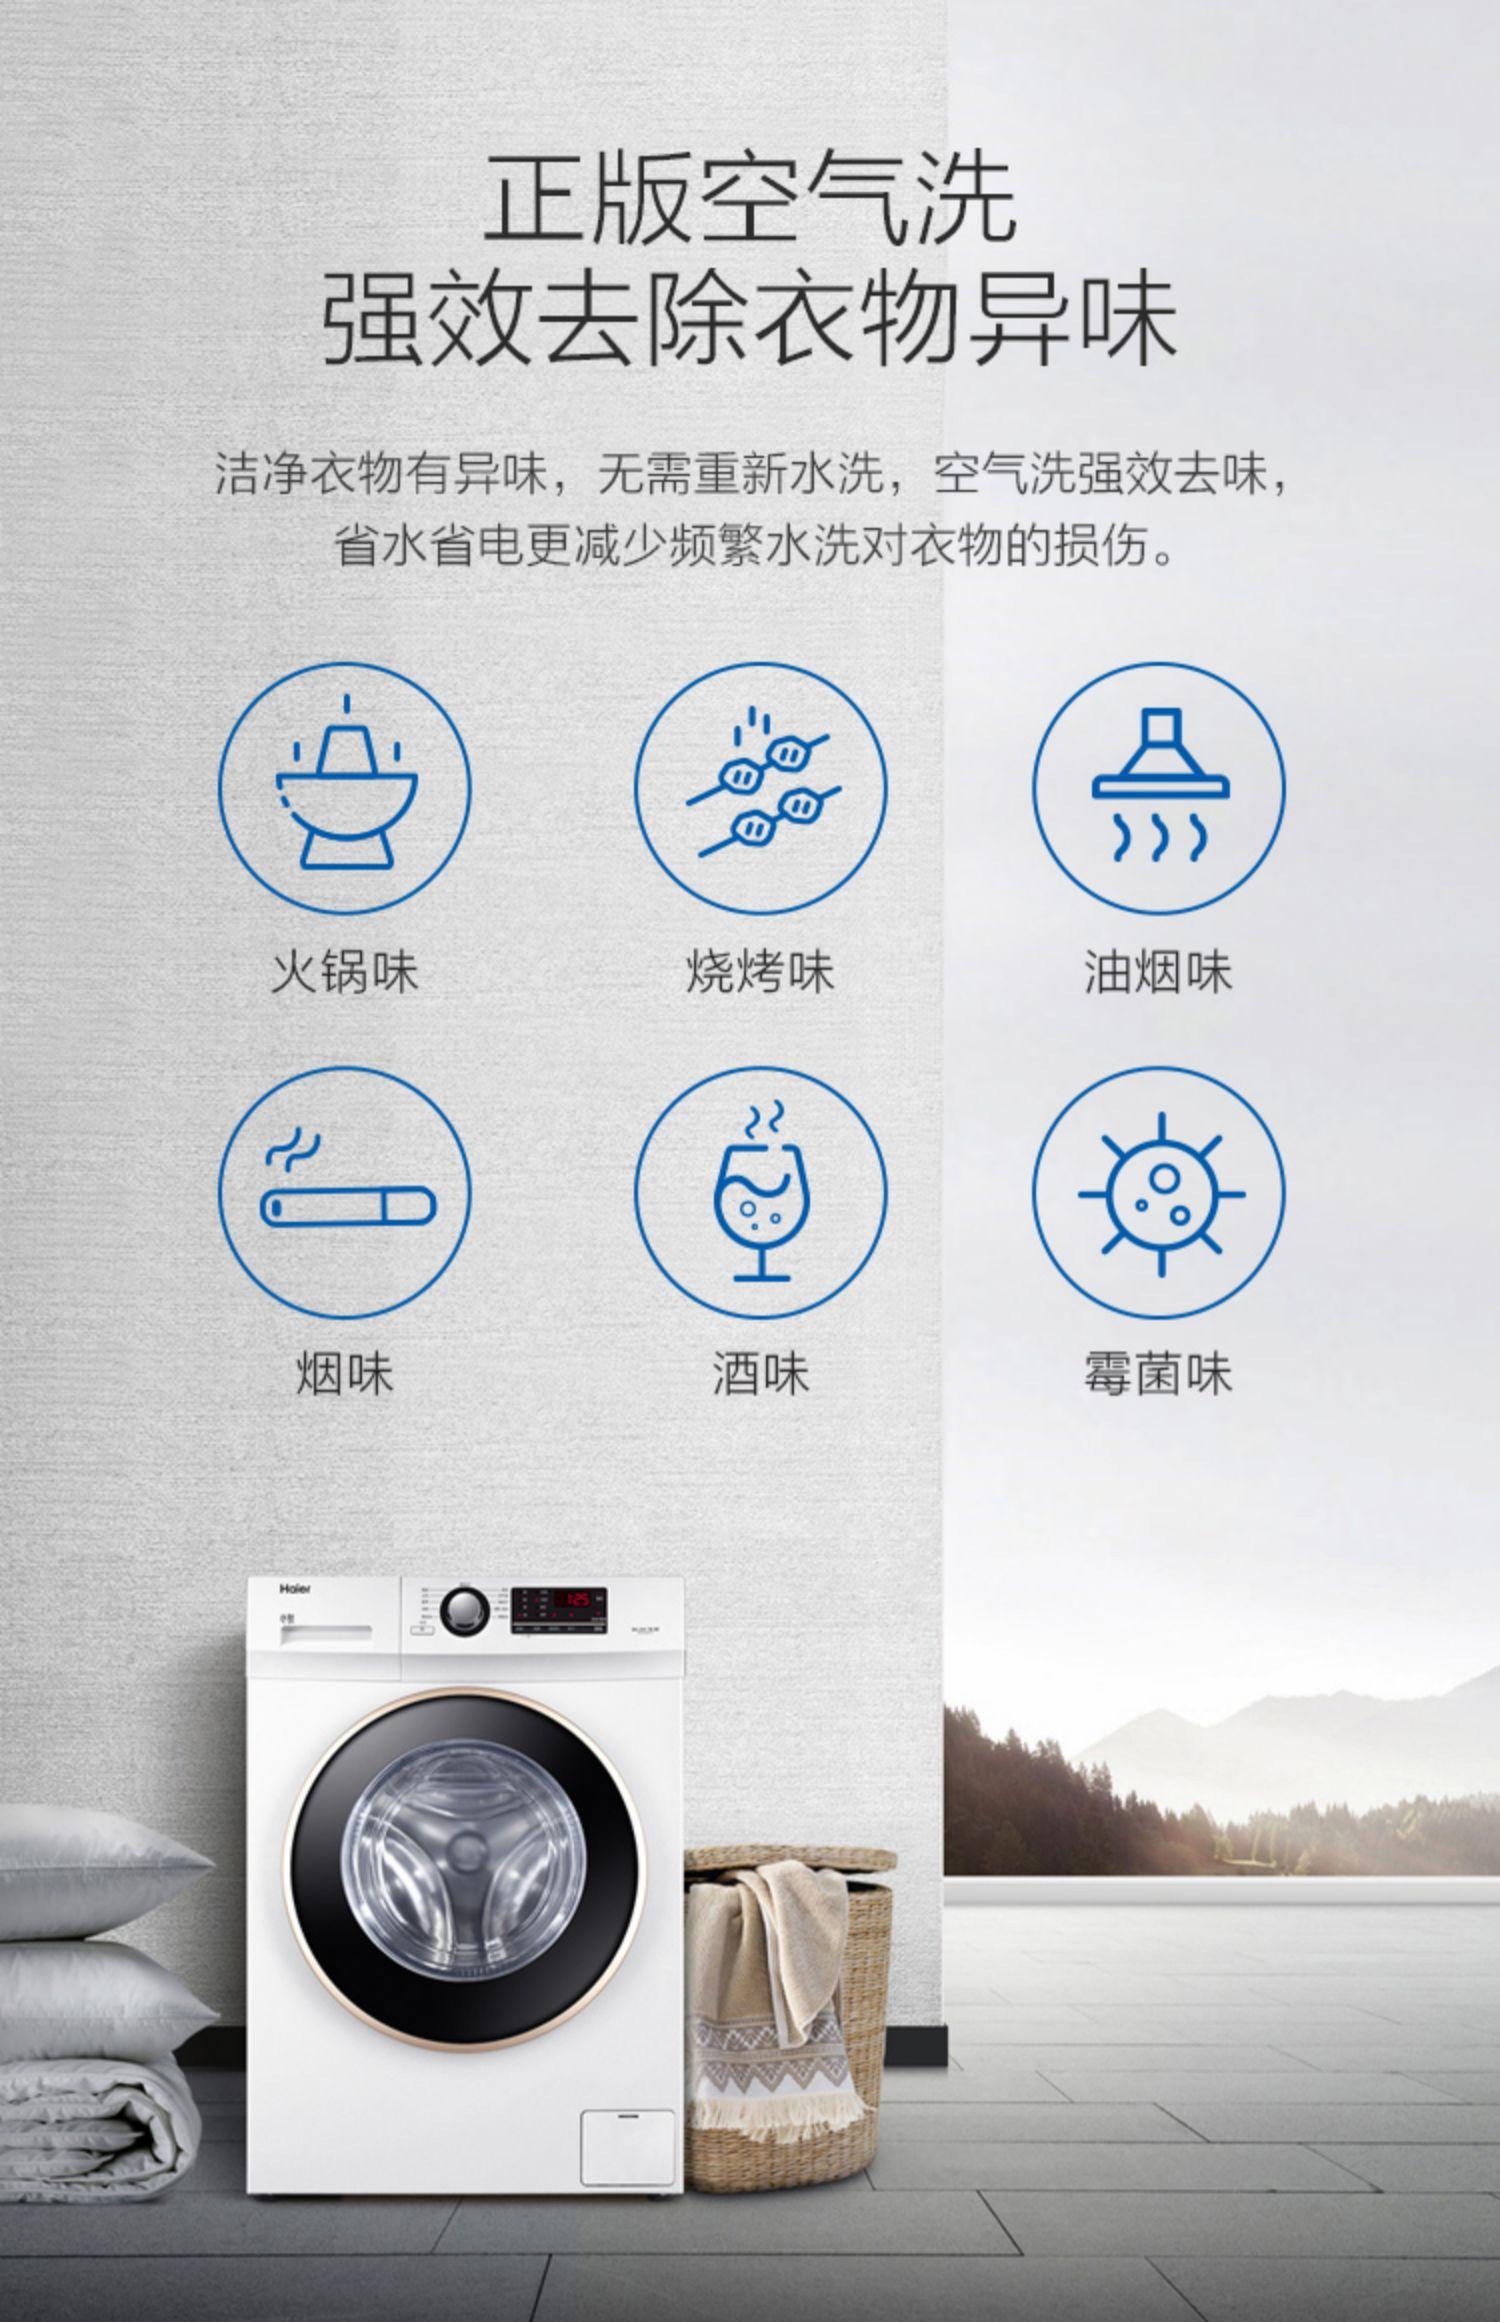 海尔洗衣机滚筒全自动家用洗烘一体机一级能效变频9/10公斤带烘干商品详情图